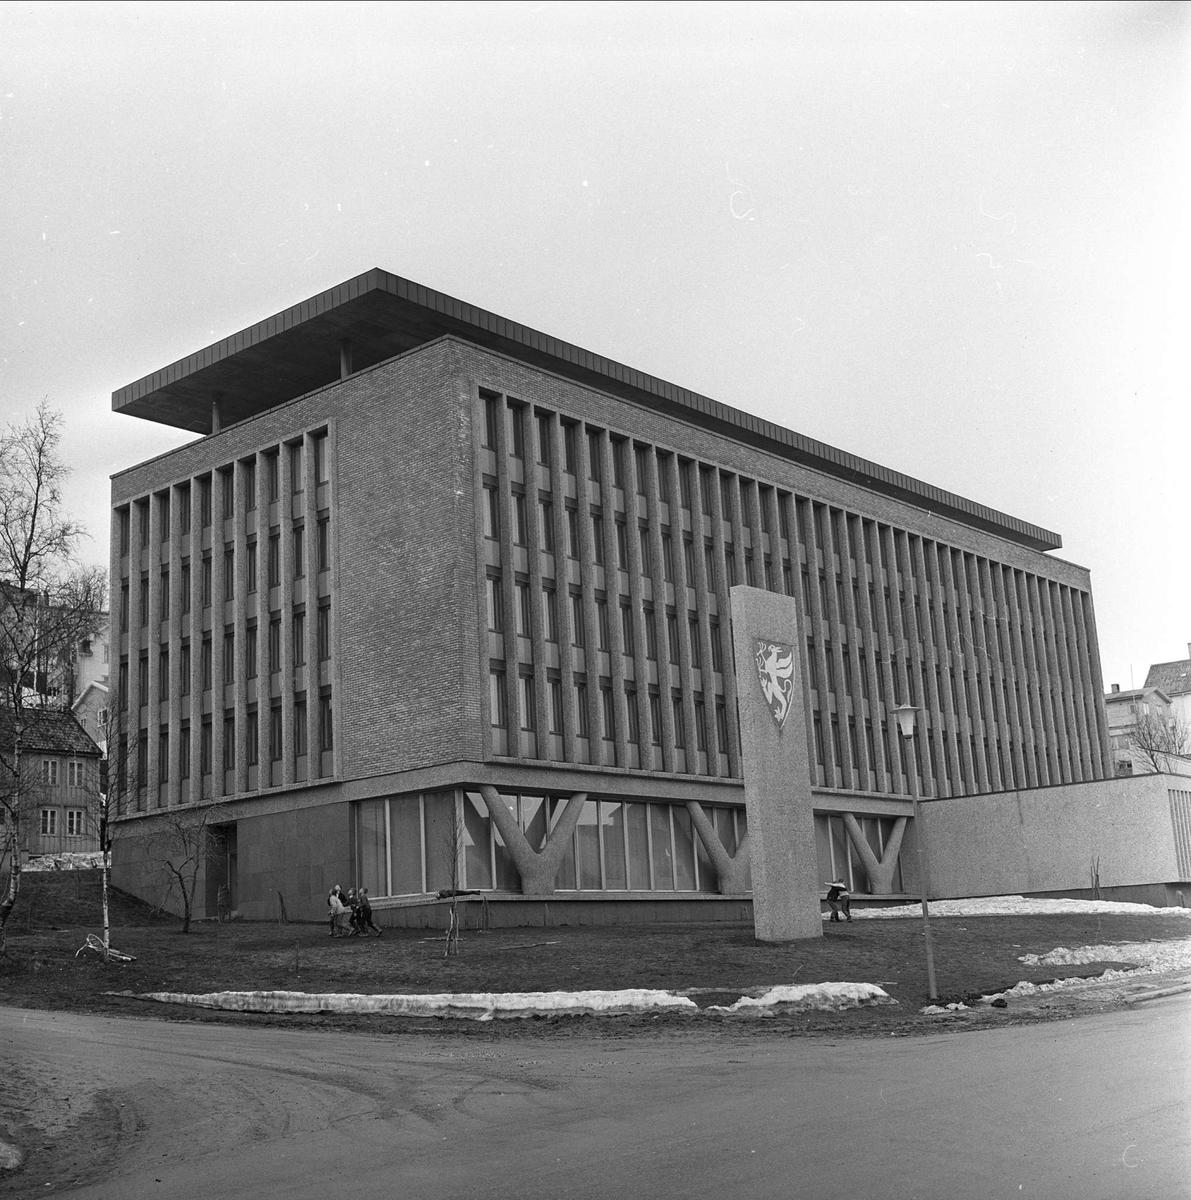 Tromsø, Troms, april 1963. Bygning og bauta.